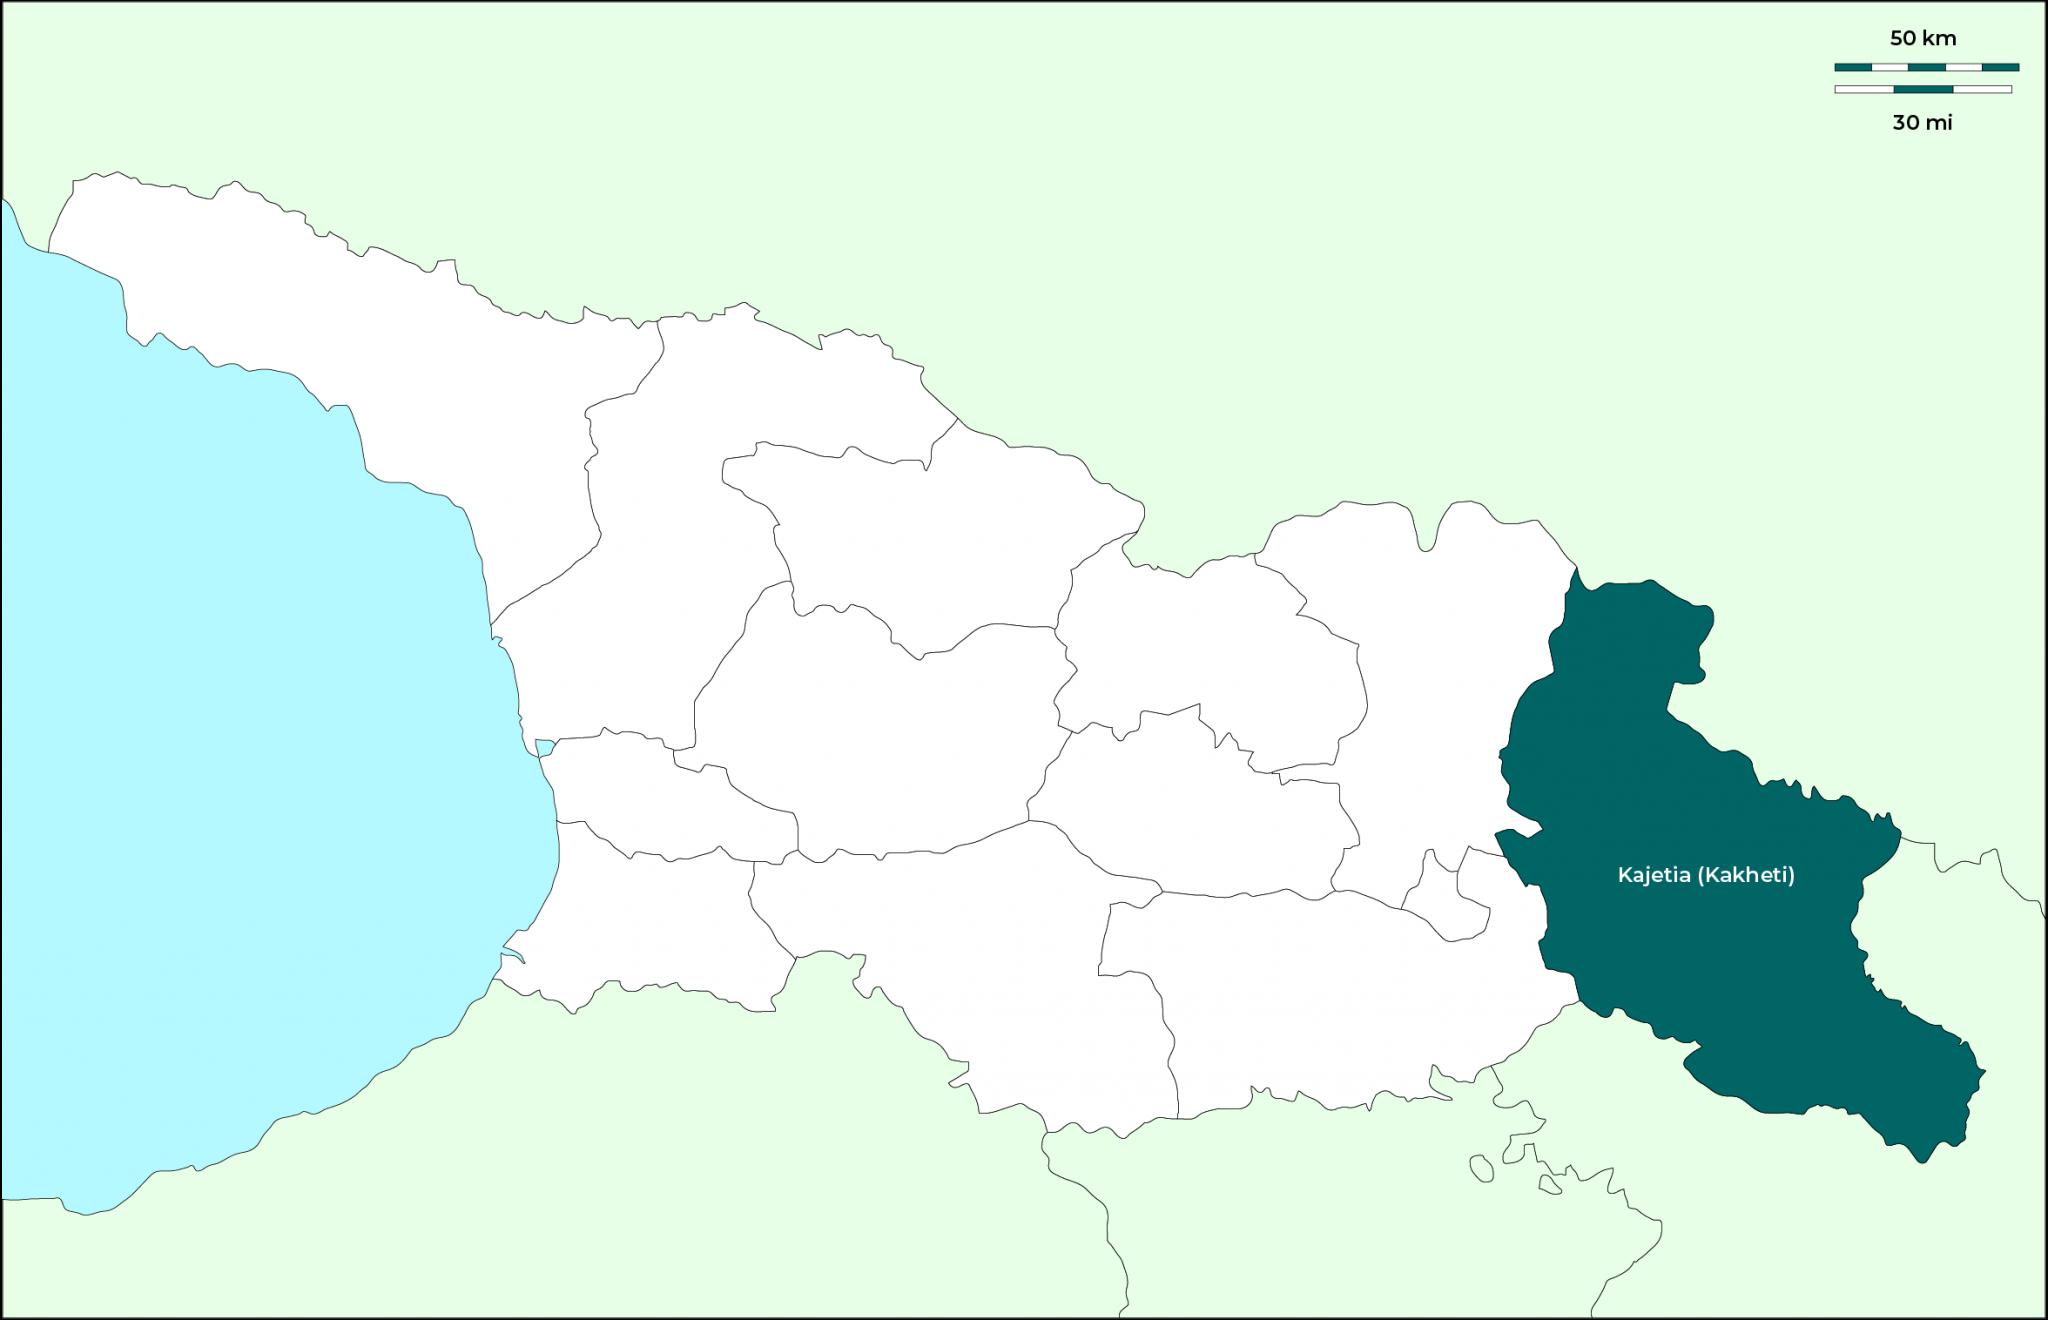 Región de Kajetia (Kakheti): Mapa